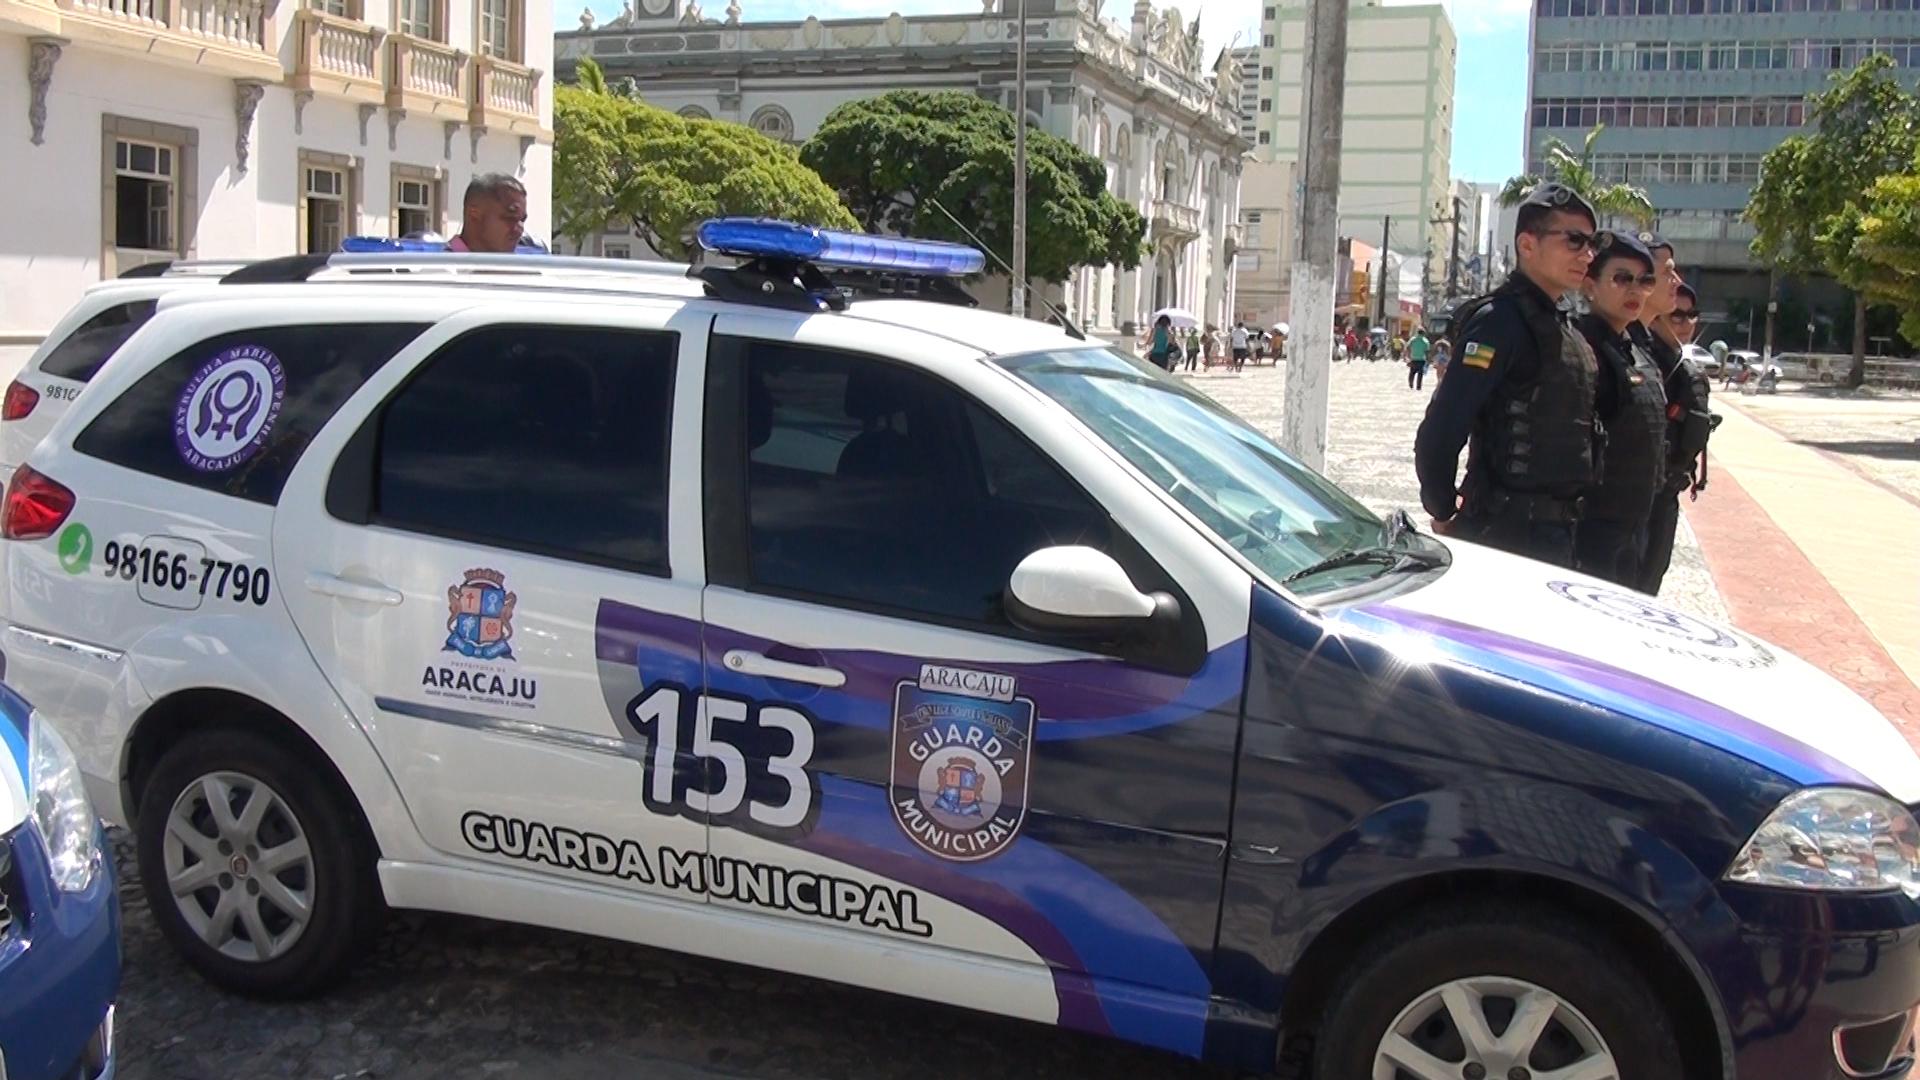 Resultado de imagem para FOTO DE VIATURAS DA GUARDA MUNICIPAL DE ARACAJU